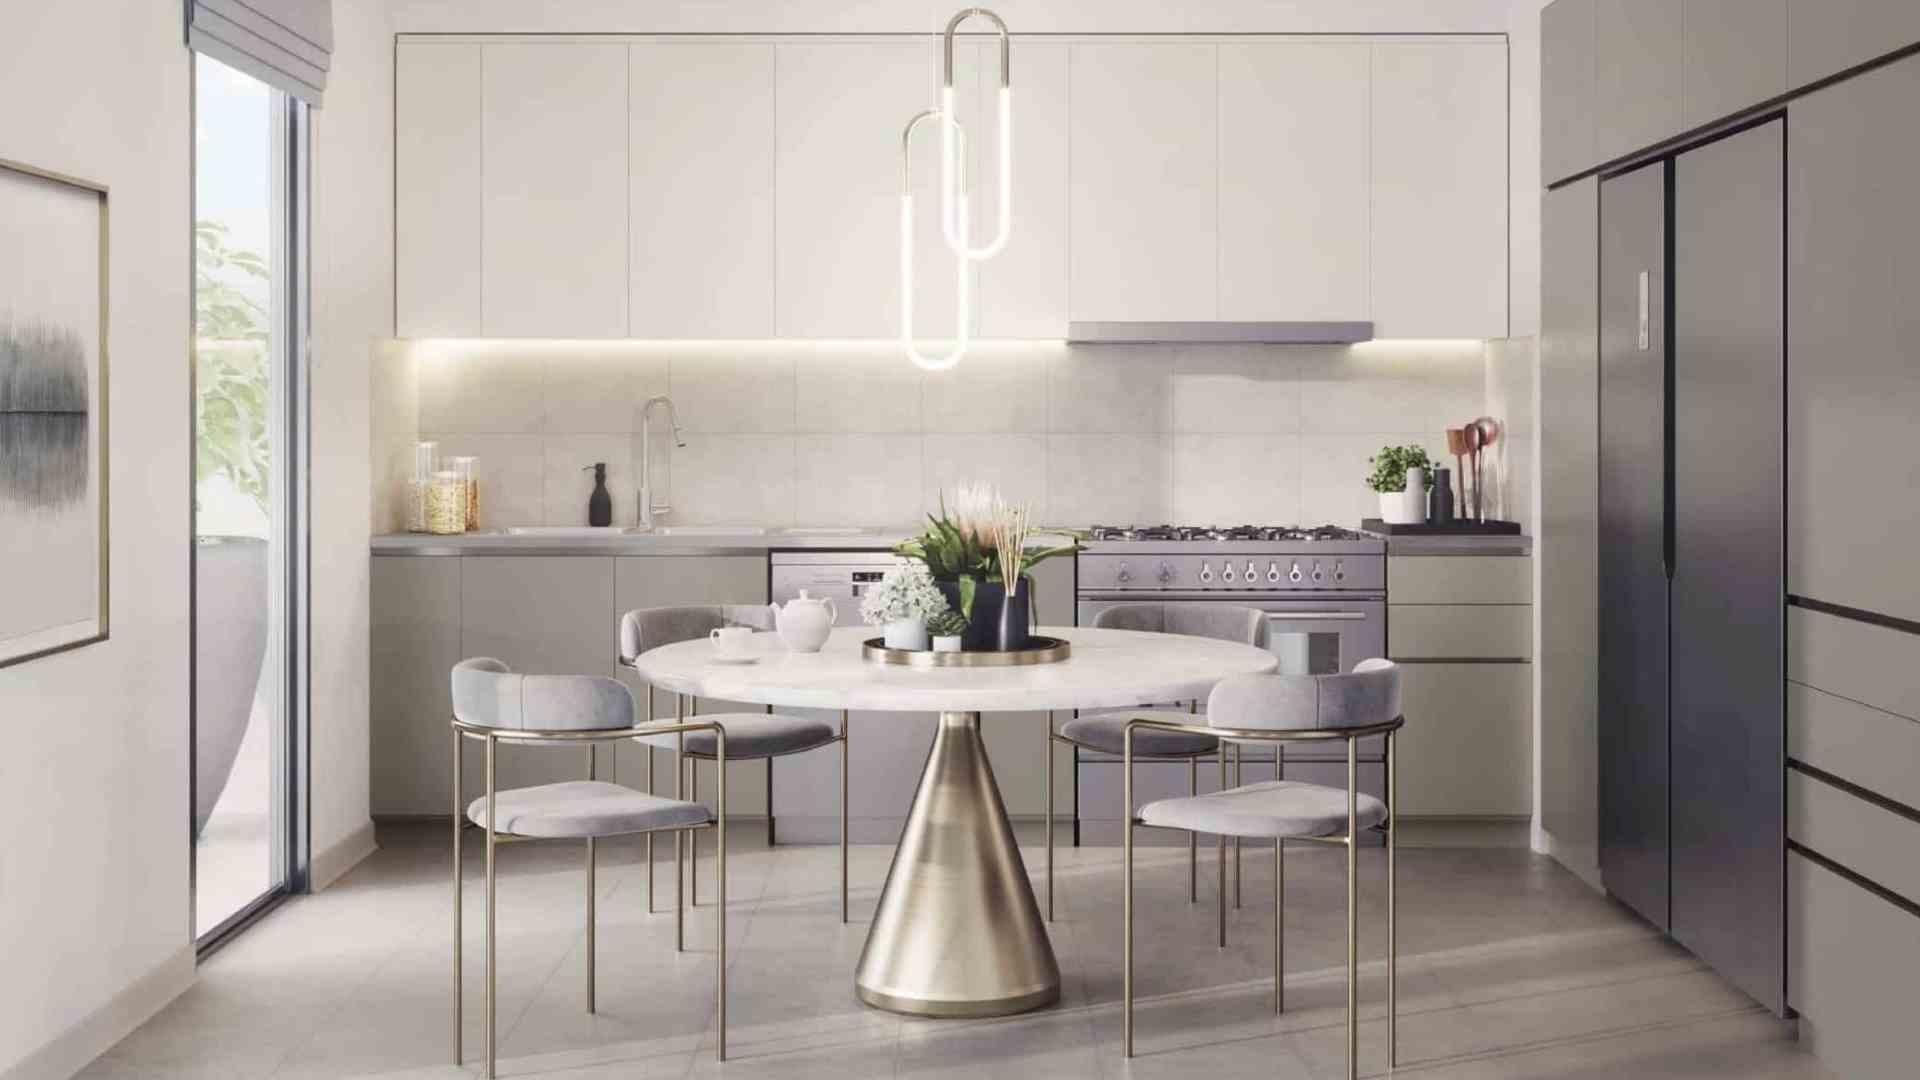 Villa en venta en Dubai, EAU, 3 dormitorios, 180 m2, № 24246 – foto 4